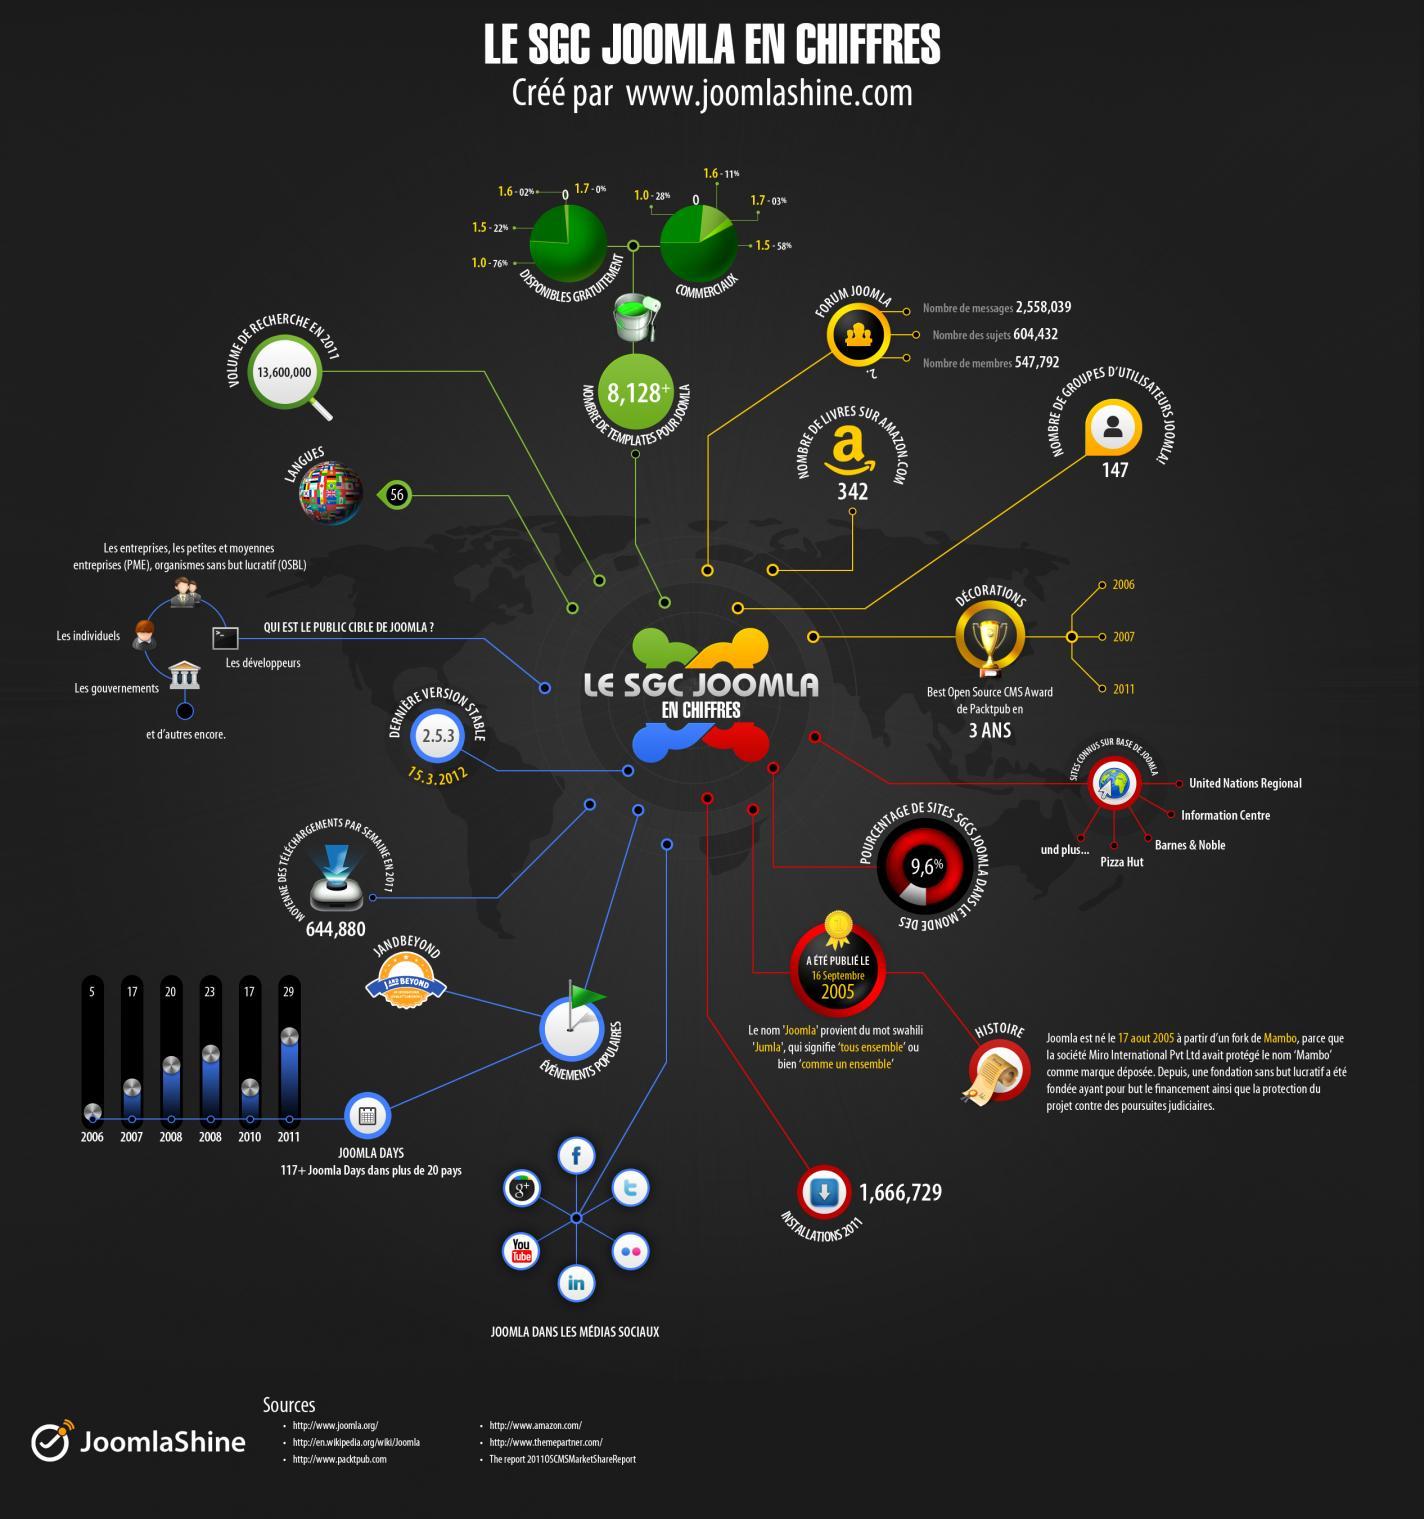 Infographie en français sur Joomla crée par www.joomlashine.com